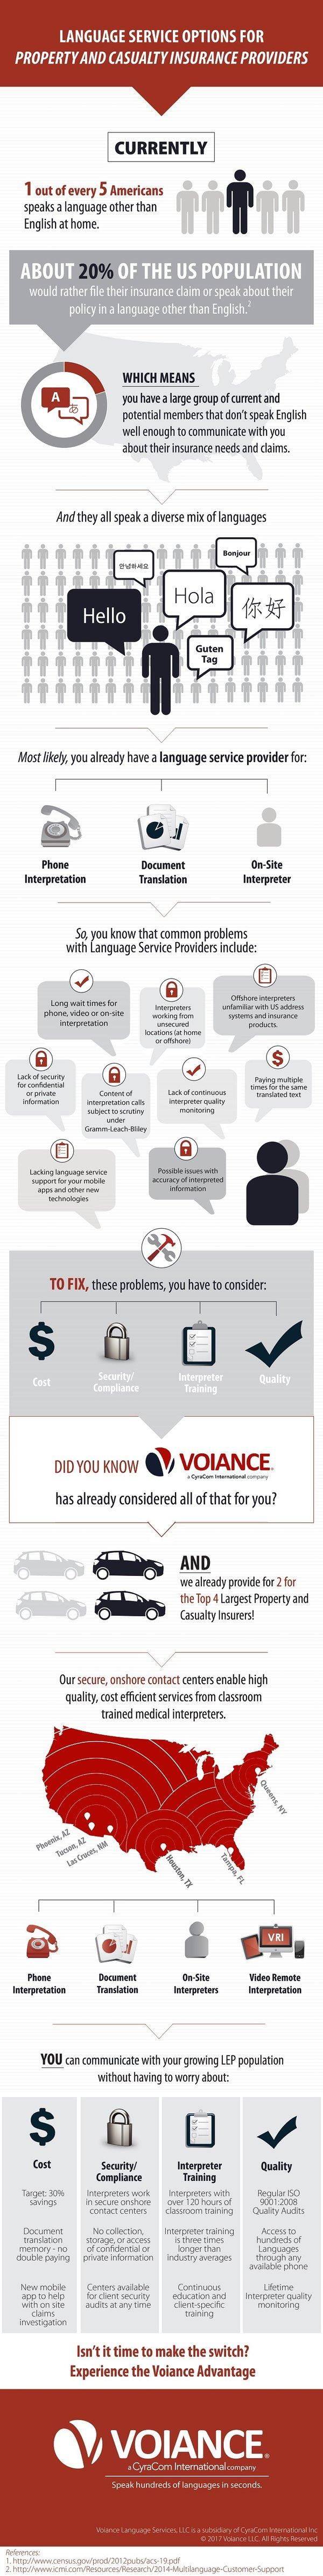 P&C Insurance_Infographic v6-01 770px